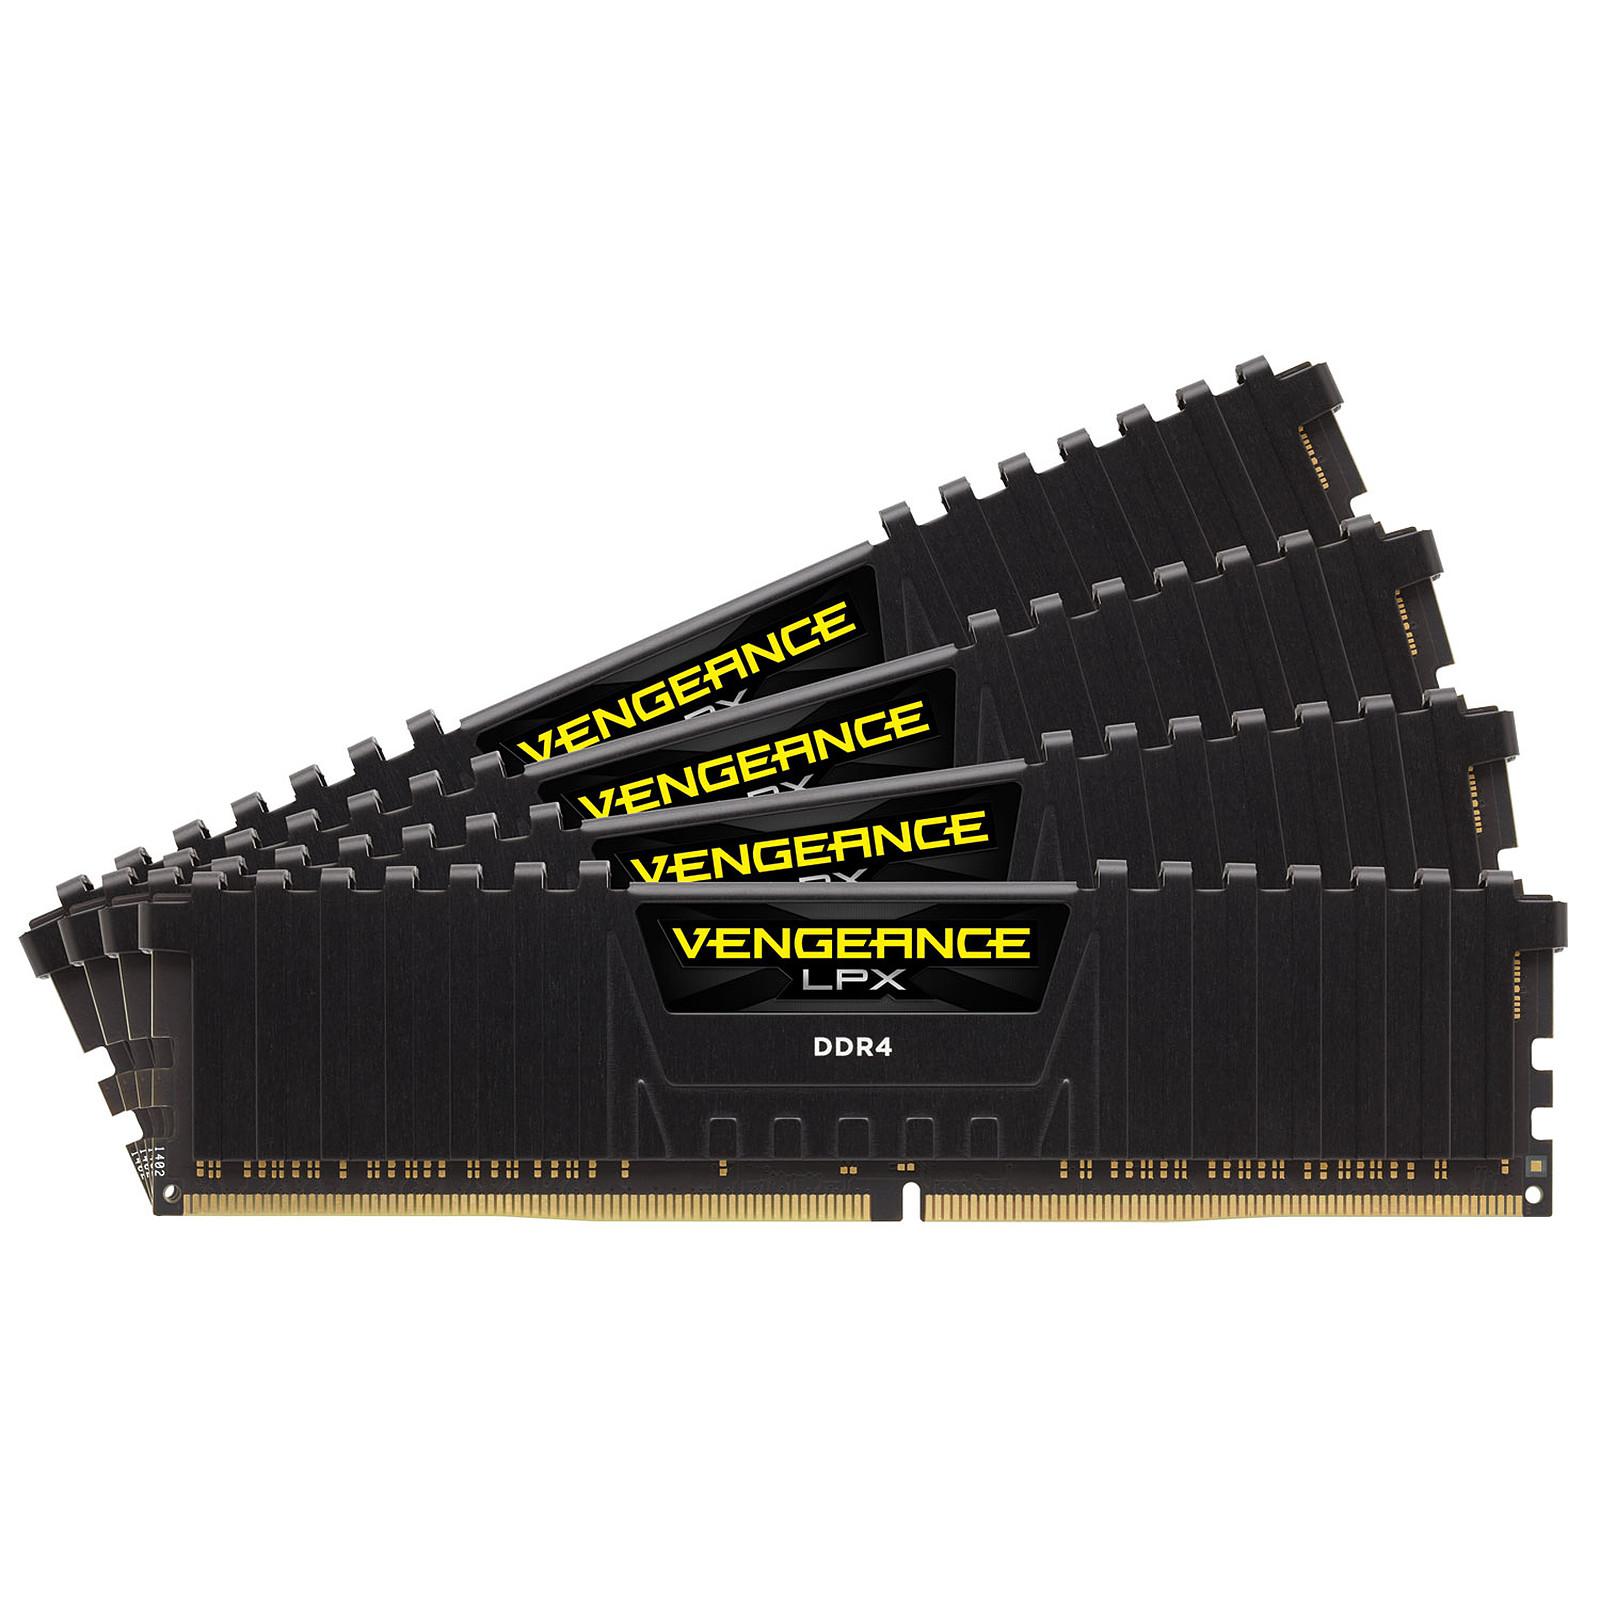 Corsair Vengeance LPX Series Low Profile 16 Go (4x 4 Go) DDR4 2133 MHz CL15